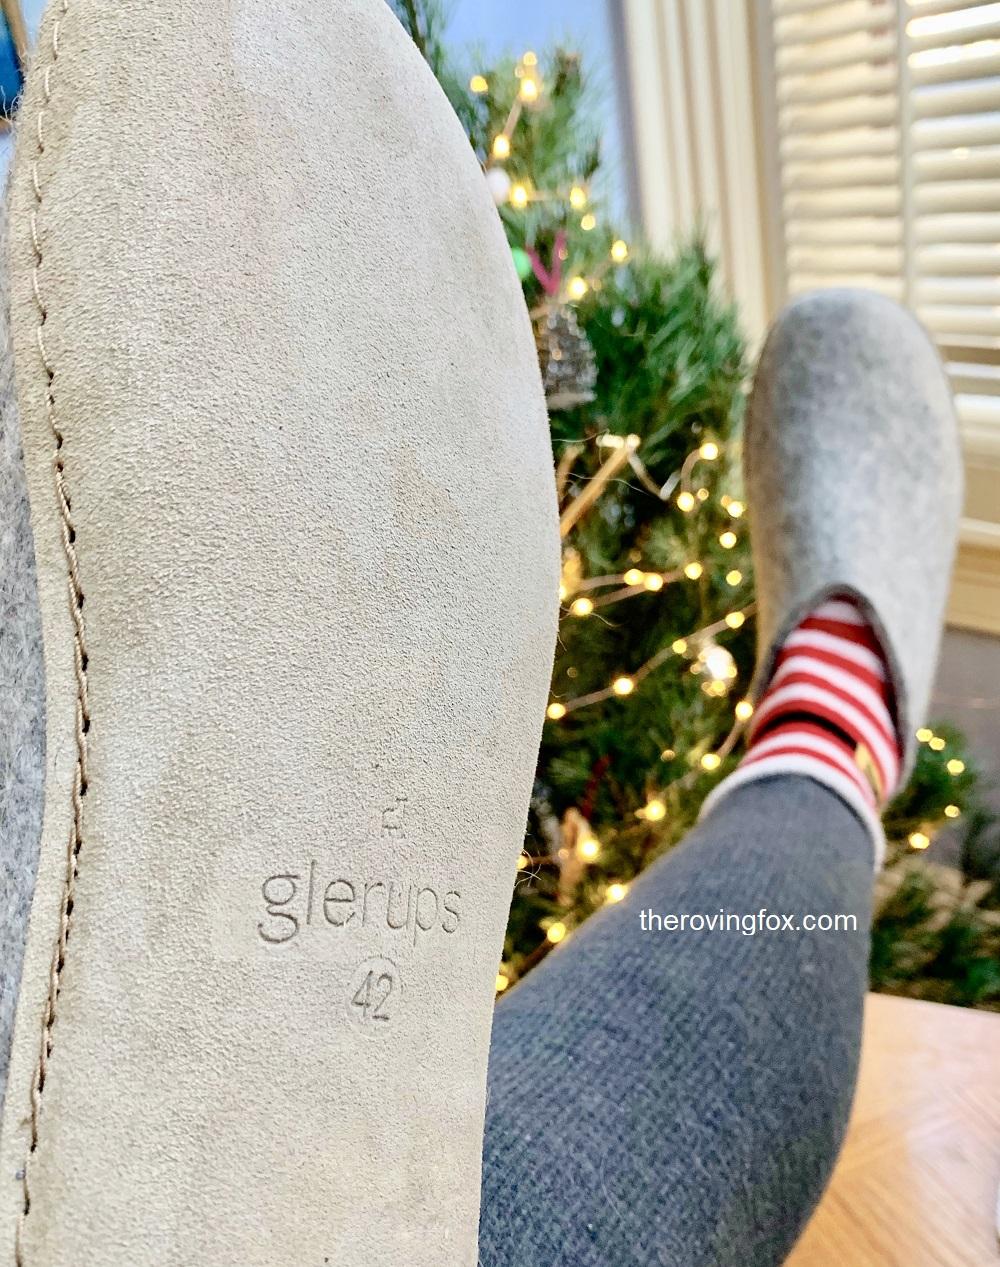 Glerups: The Danish Wool Slippers I'm